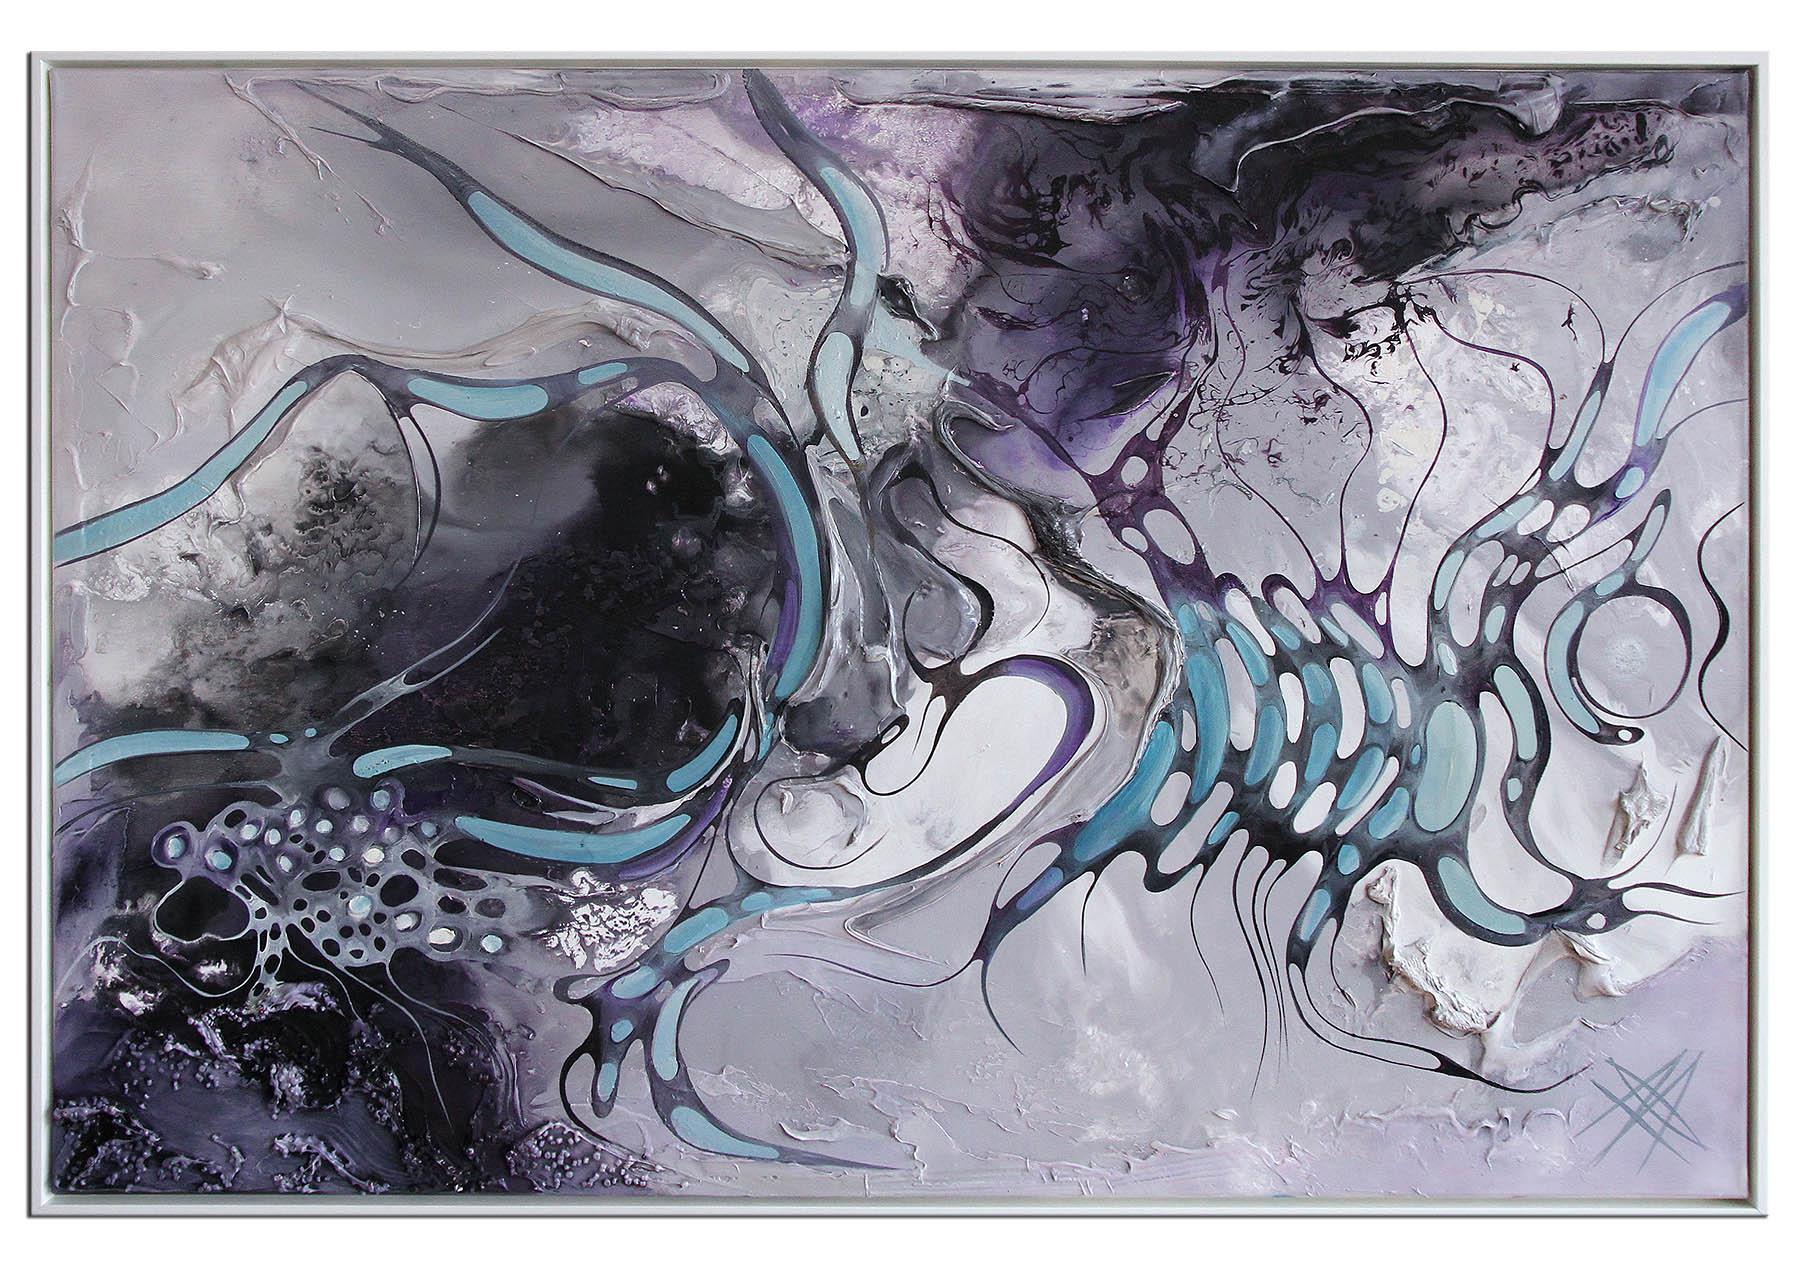 lbilder von b ossowski kaufen acrylbilder abstrakt acrylbilder galerie kunst online kaufen. Black Bedroom Furniture Sets. Home Design Ideas